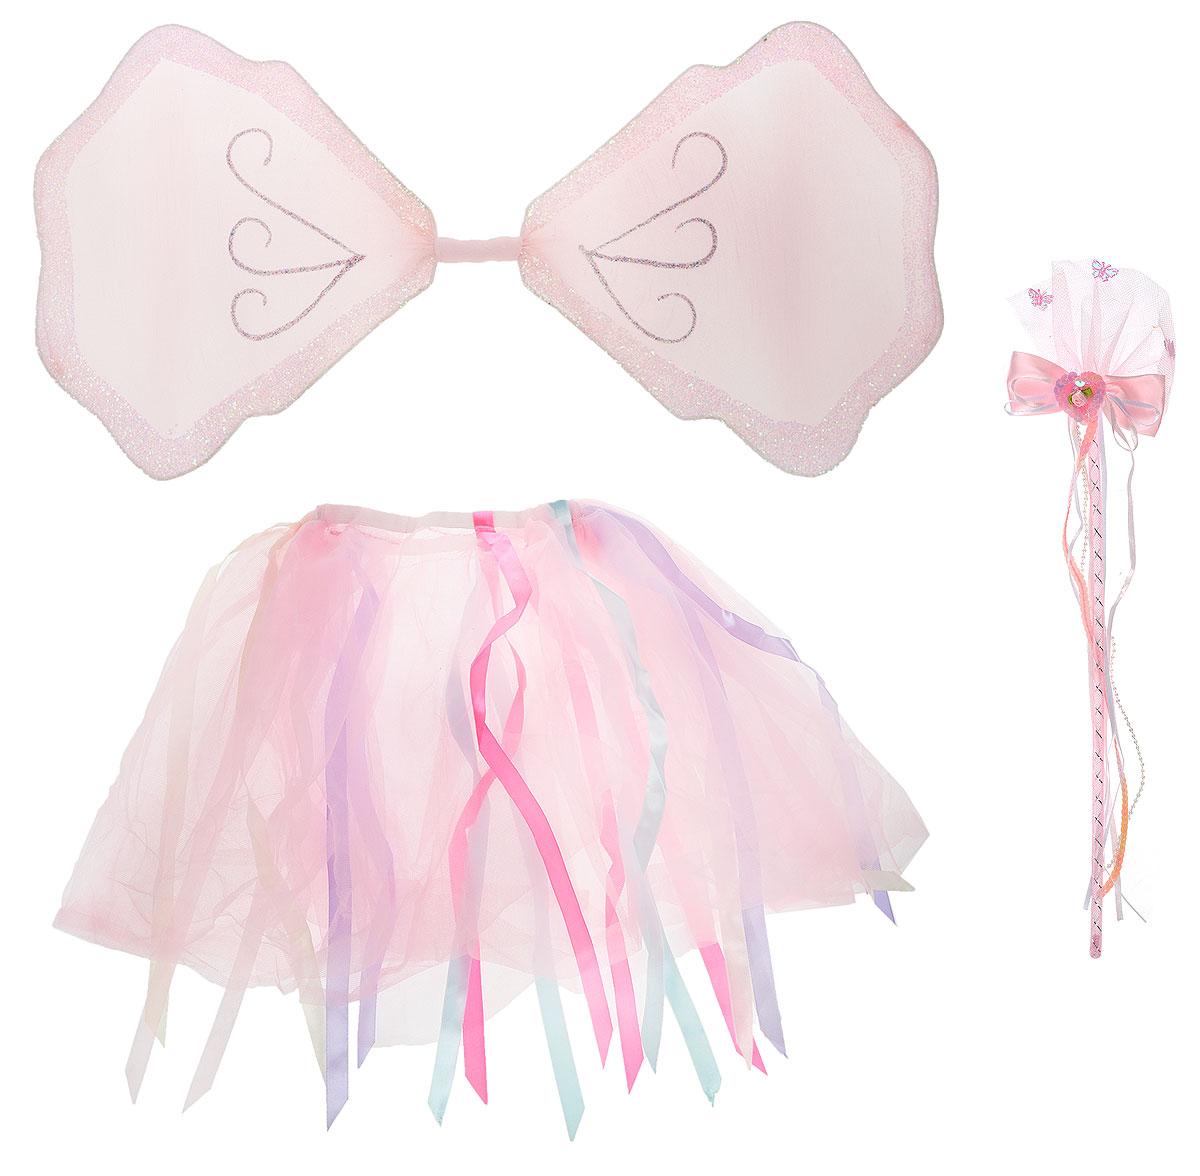 House & Holder Карнавальный костюм для девочки БабочкаJAP1407BДетский карнавальный костюм House & Holder Бабочка, выполненный из полиэстера розового цвета, позволит вашей малышке быть самой интересной героиней на детском утреннике, маскараде и других мероприятиях. Костюм состоит из крыльев бабочки, юбки и волшебной палочки. Крылья с жестким металлическим каркасом обтянуты капроновой тканью и декорированы блесками. Одеваются с помощью двух лямок на резинках. Юбка выполнена из двухслойной сетчатой ткани, посажена на резинку и декорирована разноцветными лентами. Волшебная палочка выполнена из пластика розового цвета, декорирована бантом, лентами, бусами, пайетками, кусочком сетчатой ткани и розовыми бабочками. Такой костюм привлечет внимание друзей вашего ребенка и подчеркнет его индивидуальность. Веселое настроение и масса положительных эмоций будут обеспечены!